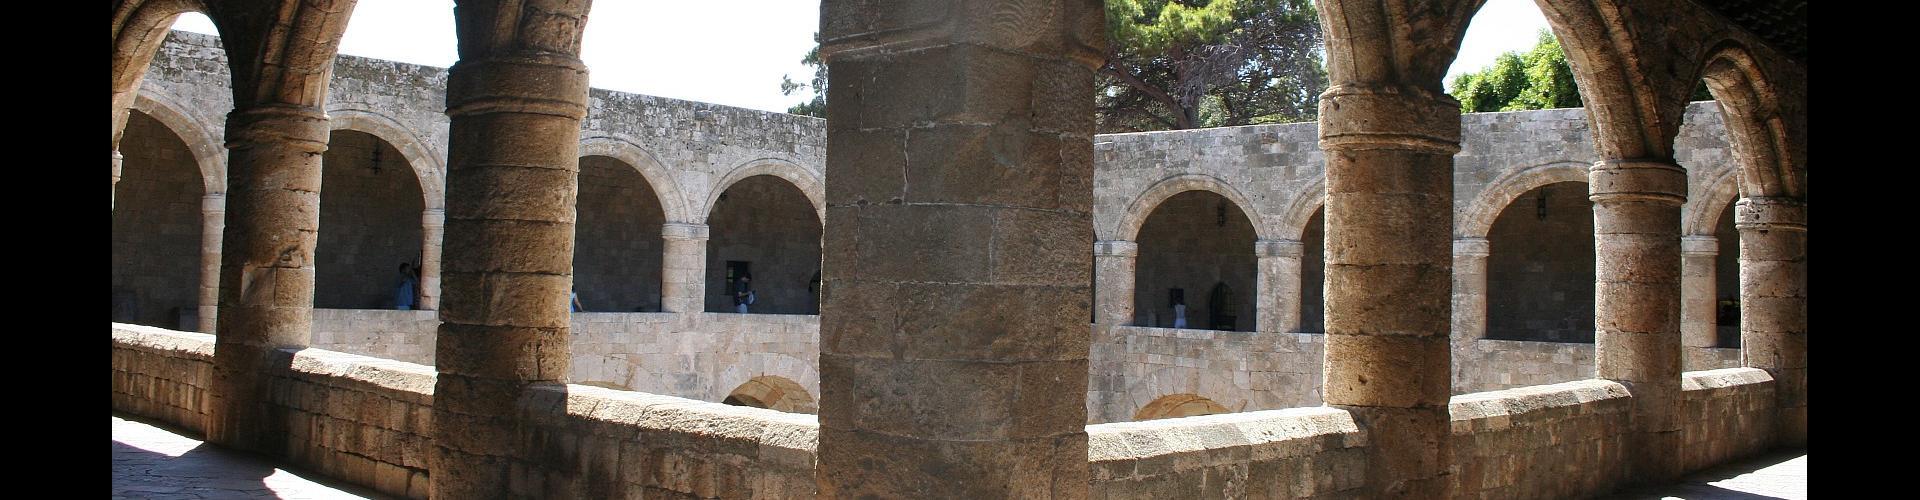 Αναστήλωση και ανάδειξη πολιτιστικών μνημείων